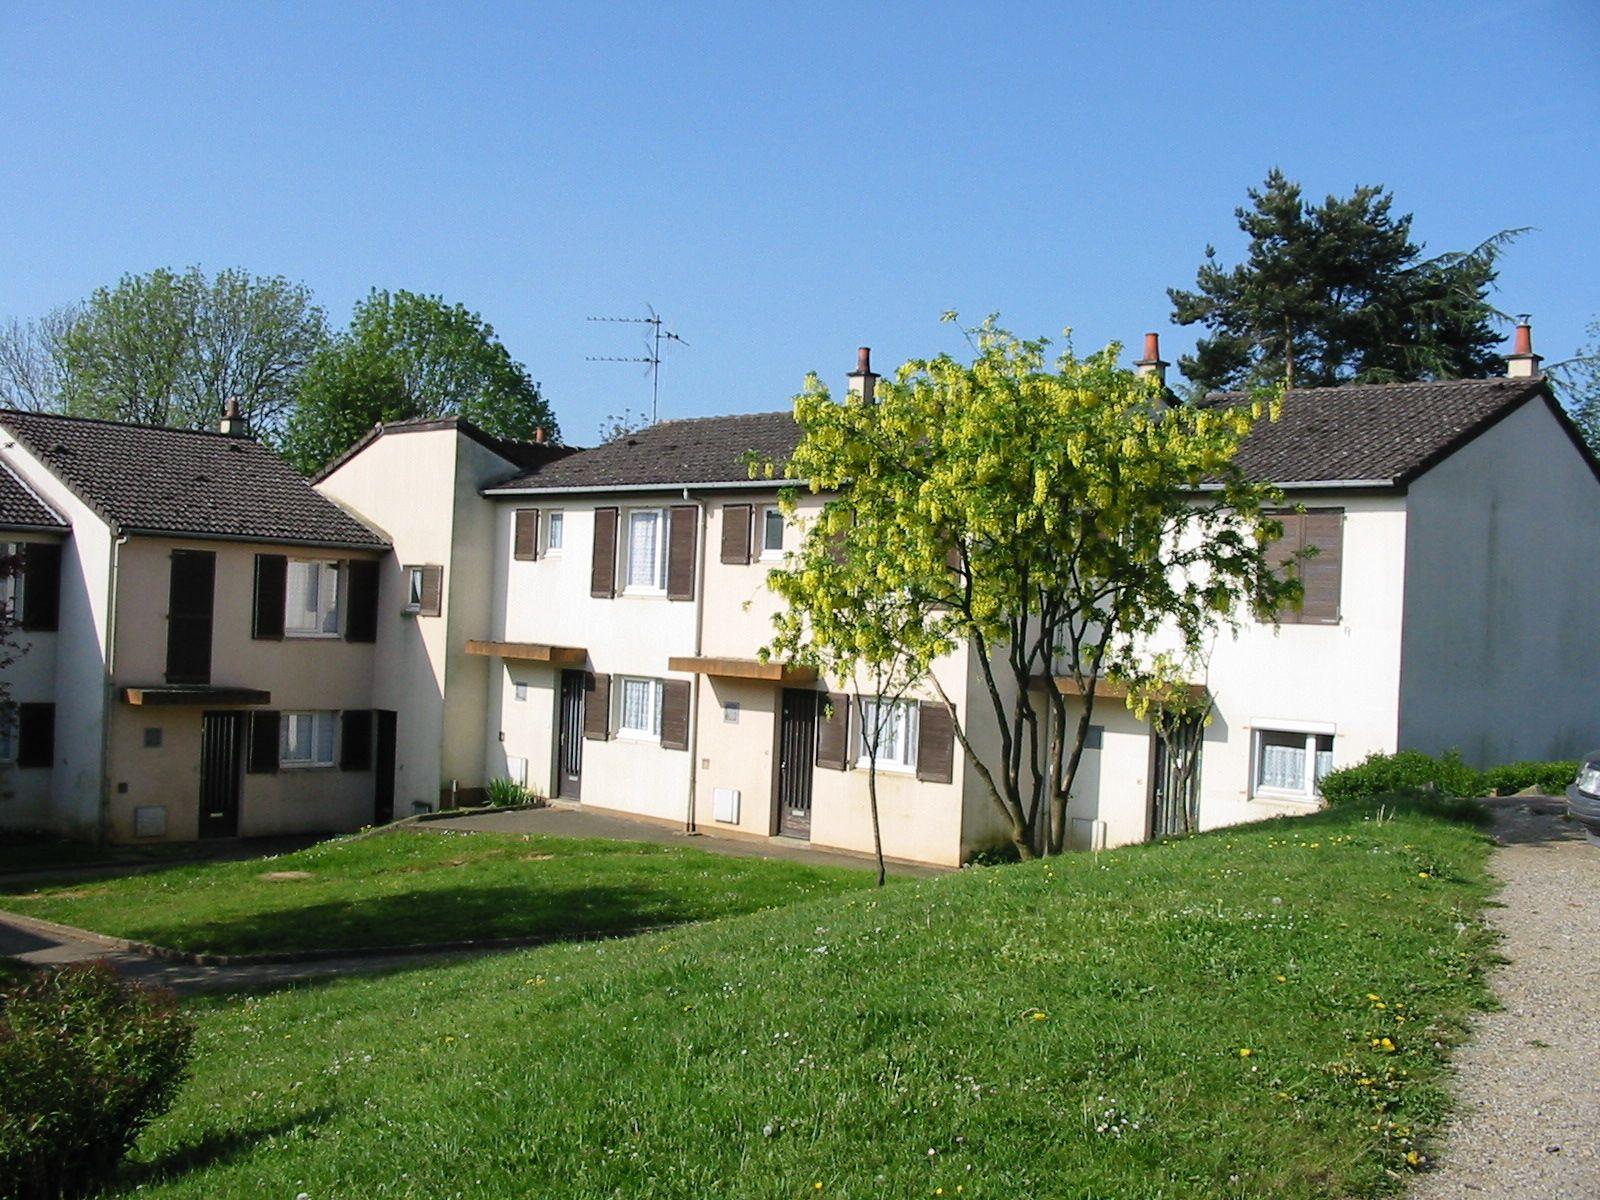 Logement soligny la trappe locataion garage orne for Entretien exterieur locataire